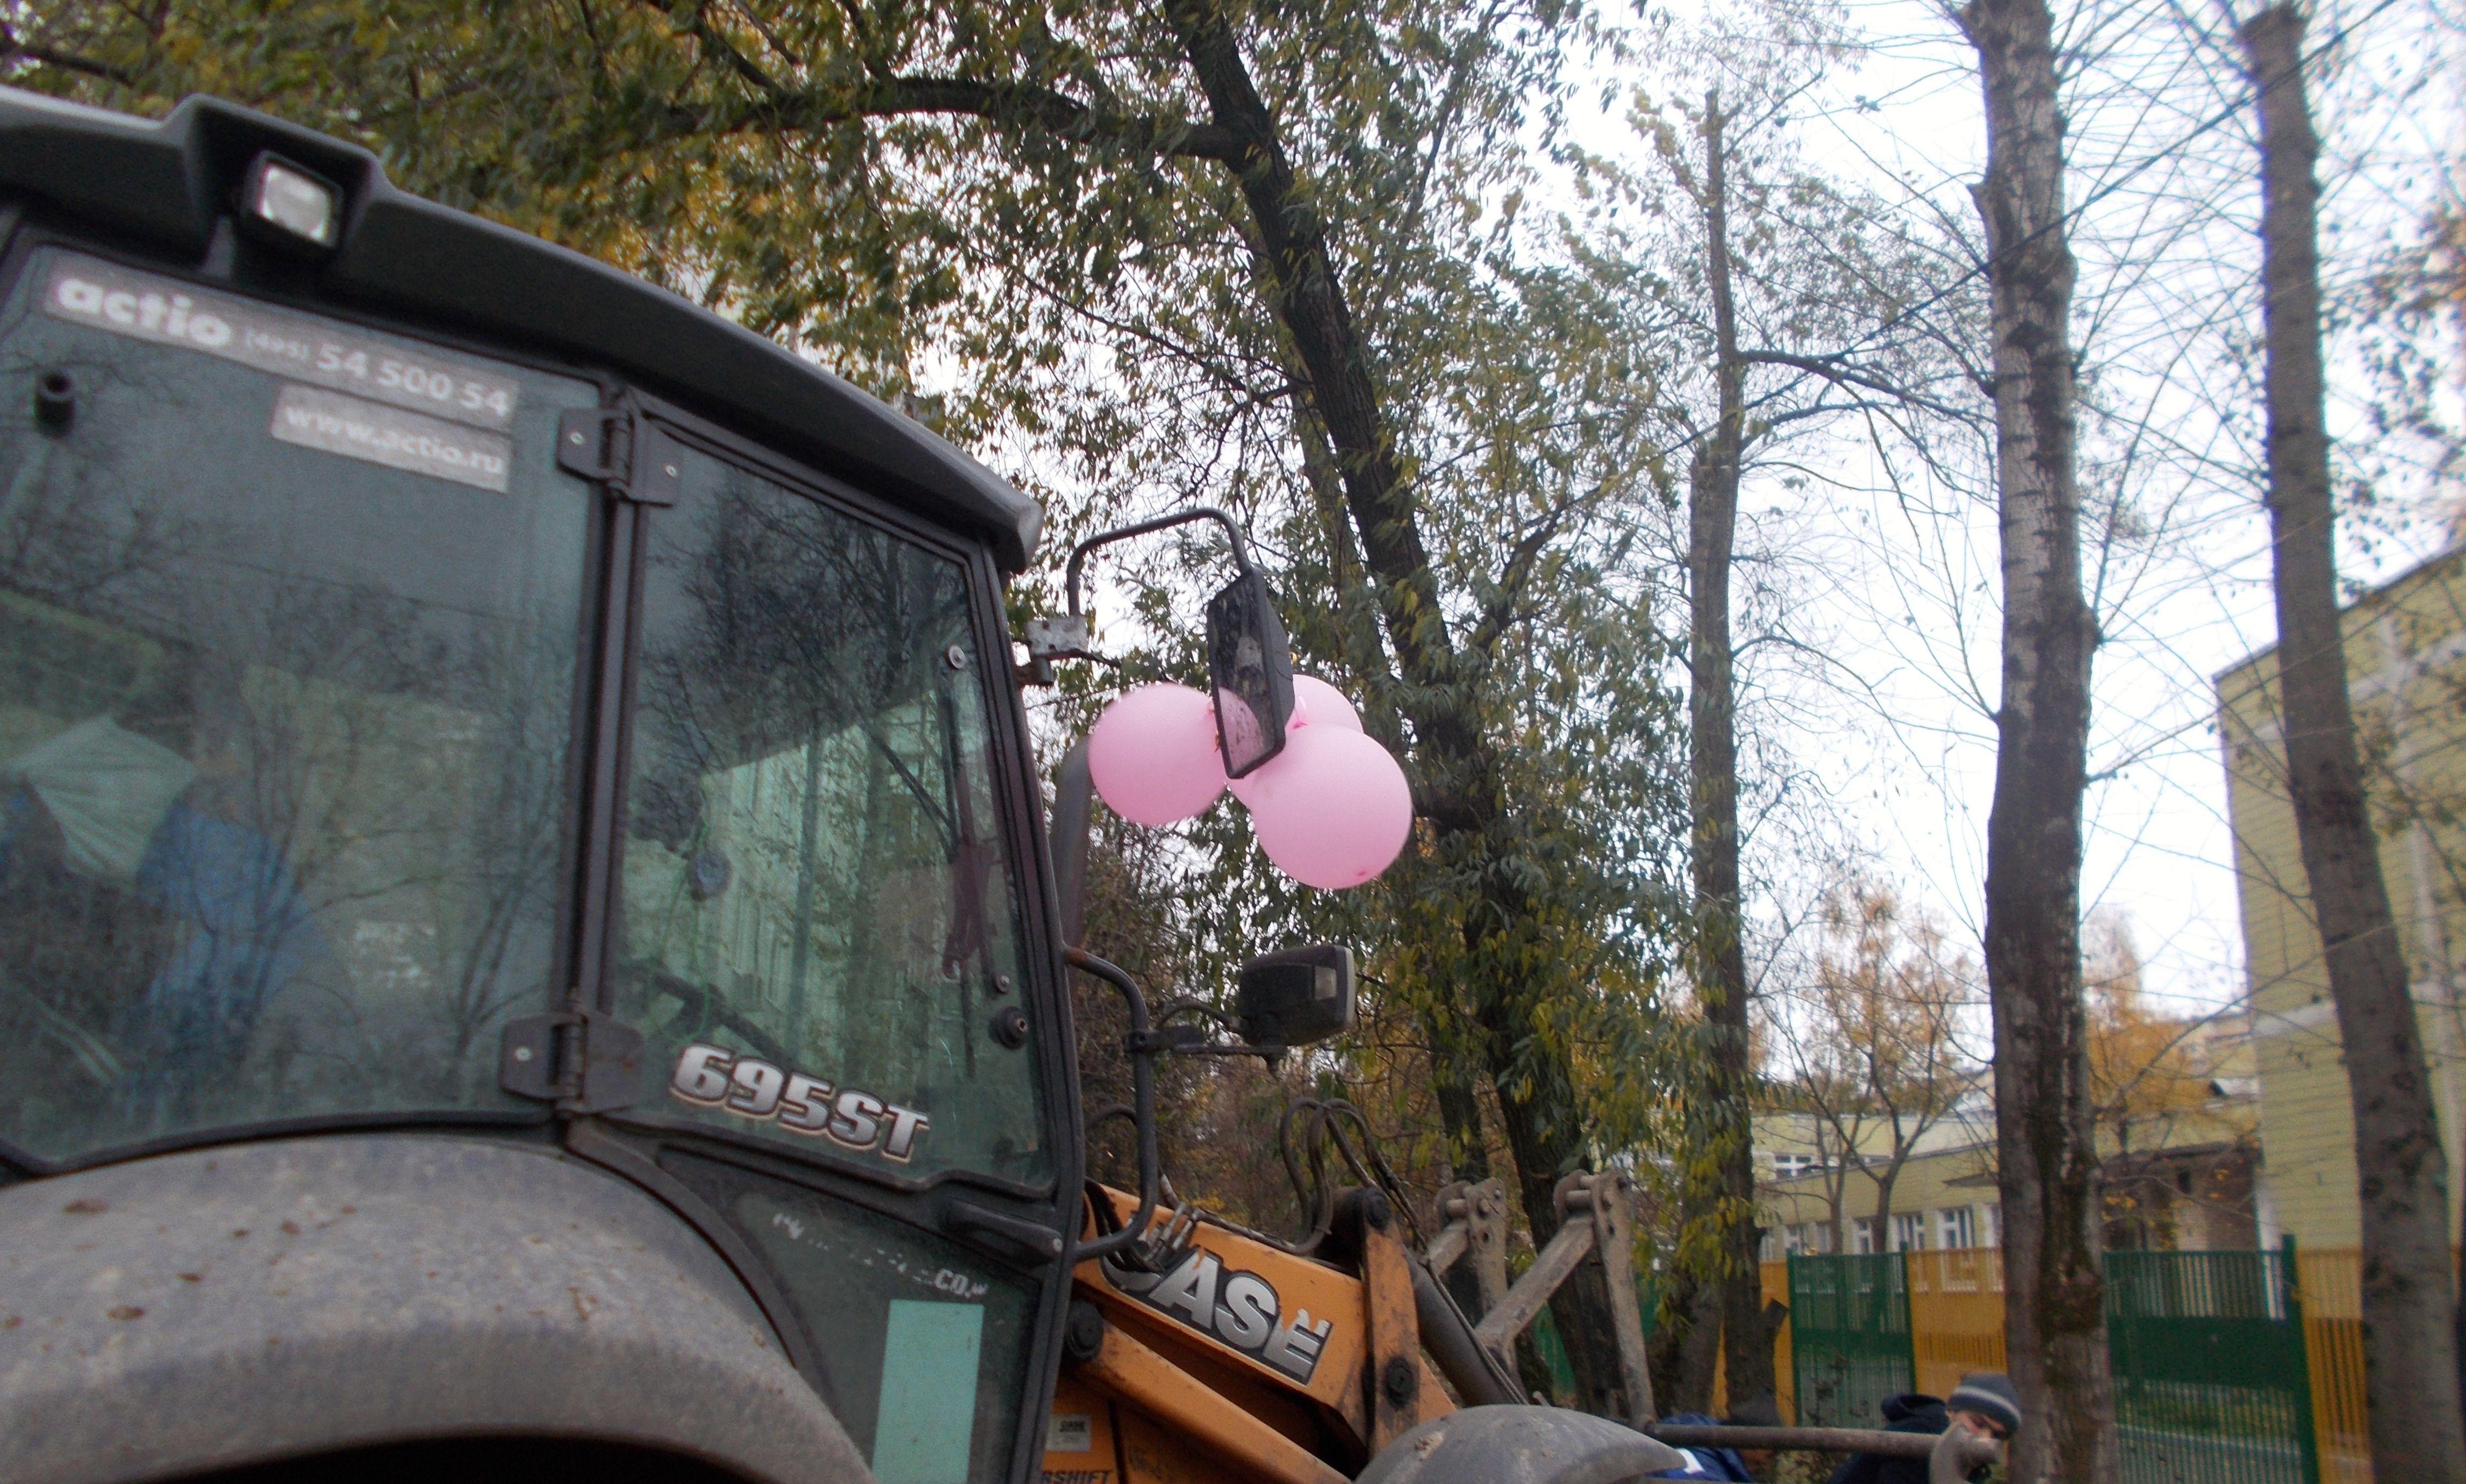 Немного позитива: народный корреспондент поделилась фотографией экскаватора с шариками